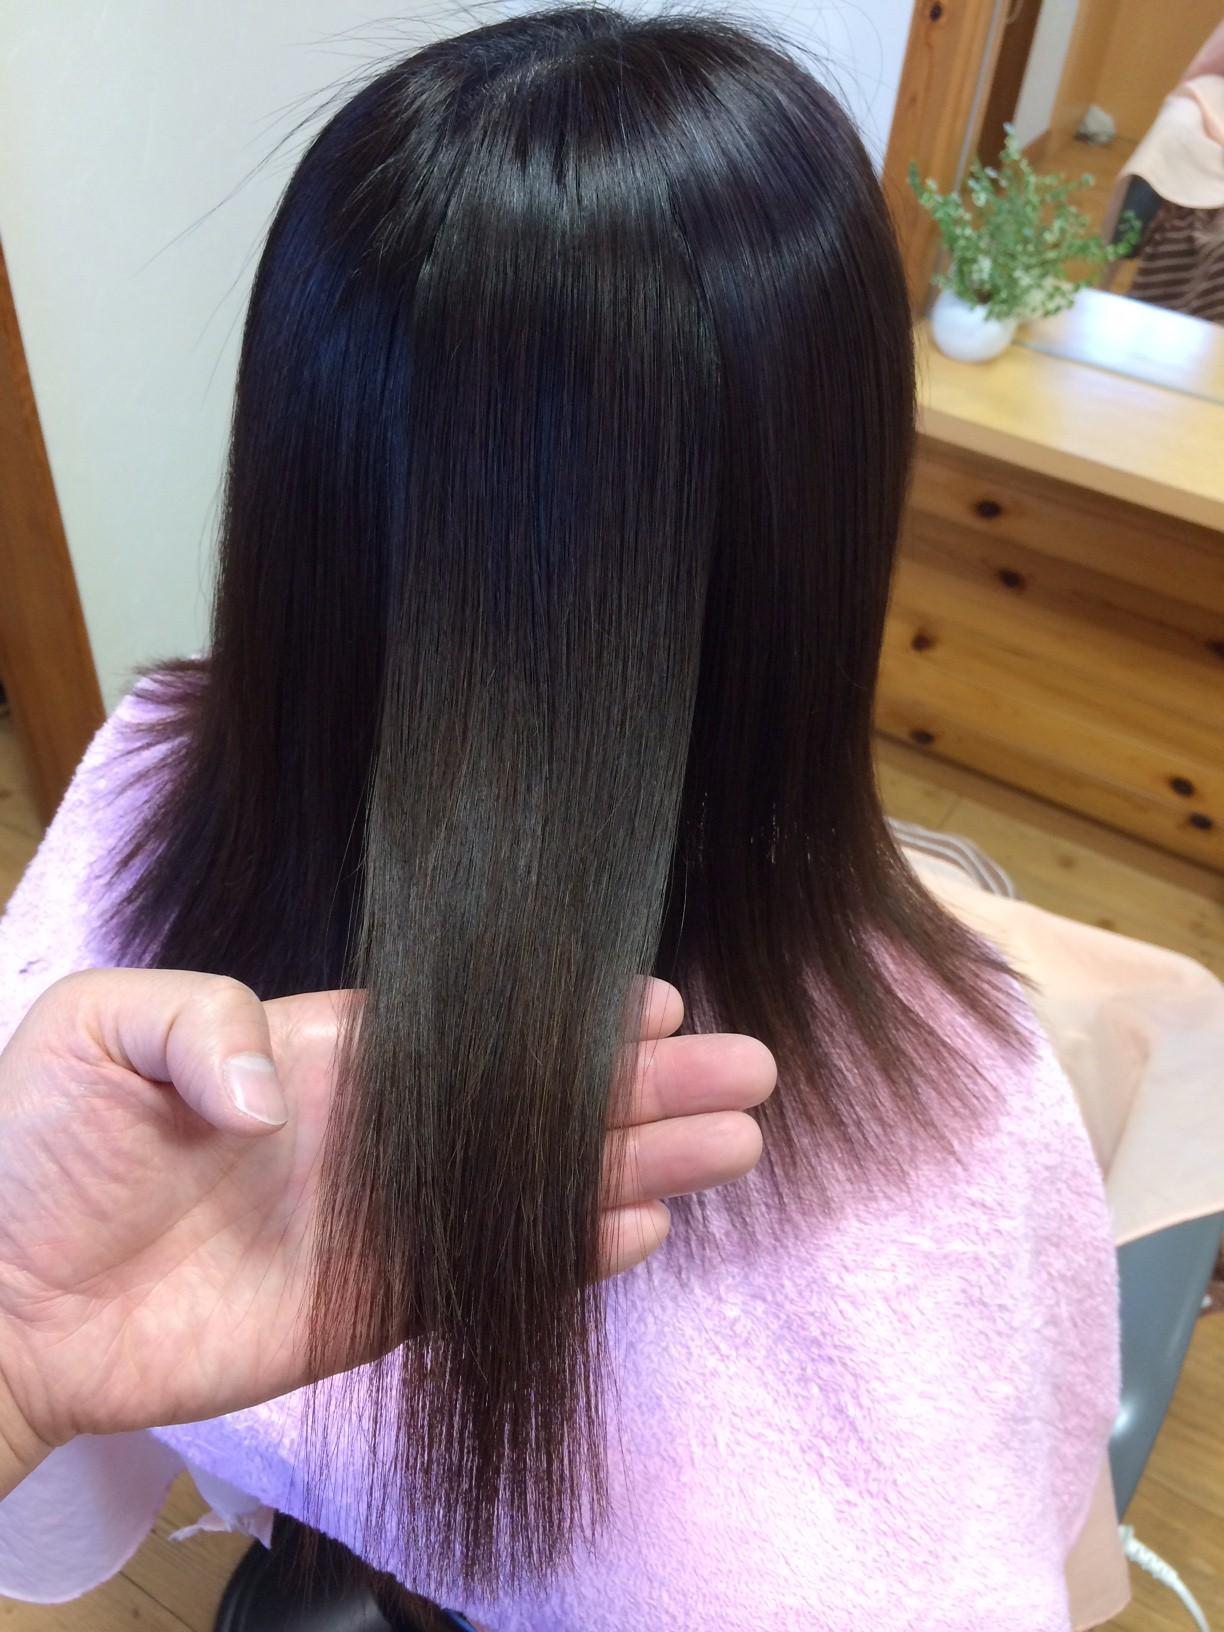 自然な風合いの縮毛矯正の自然なツヤ